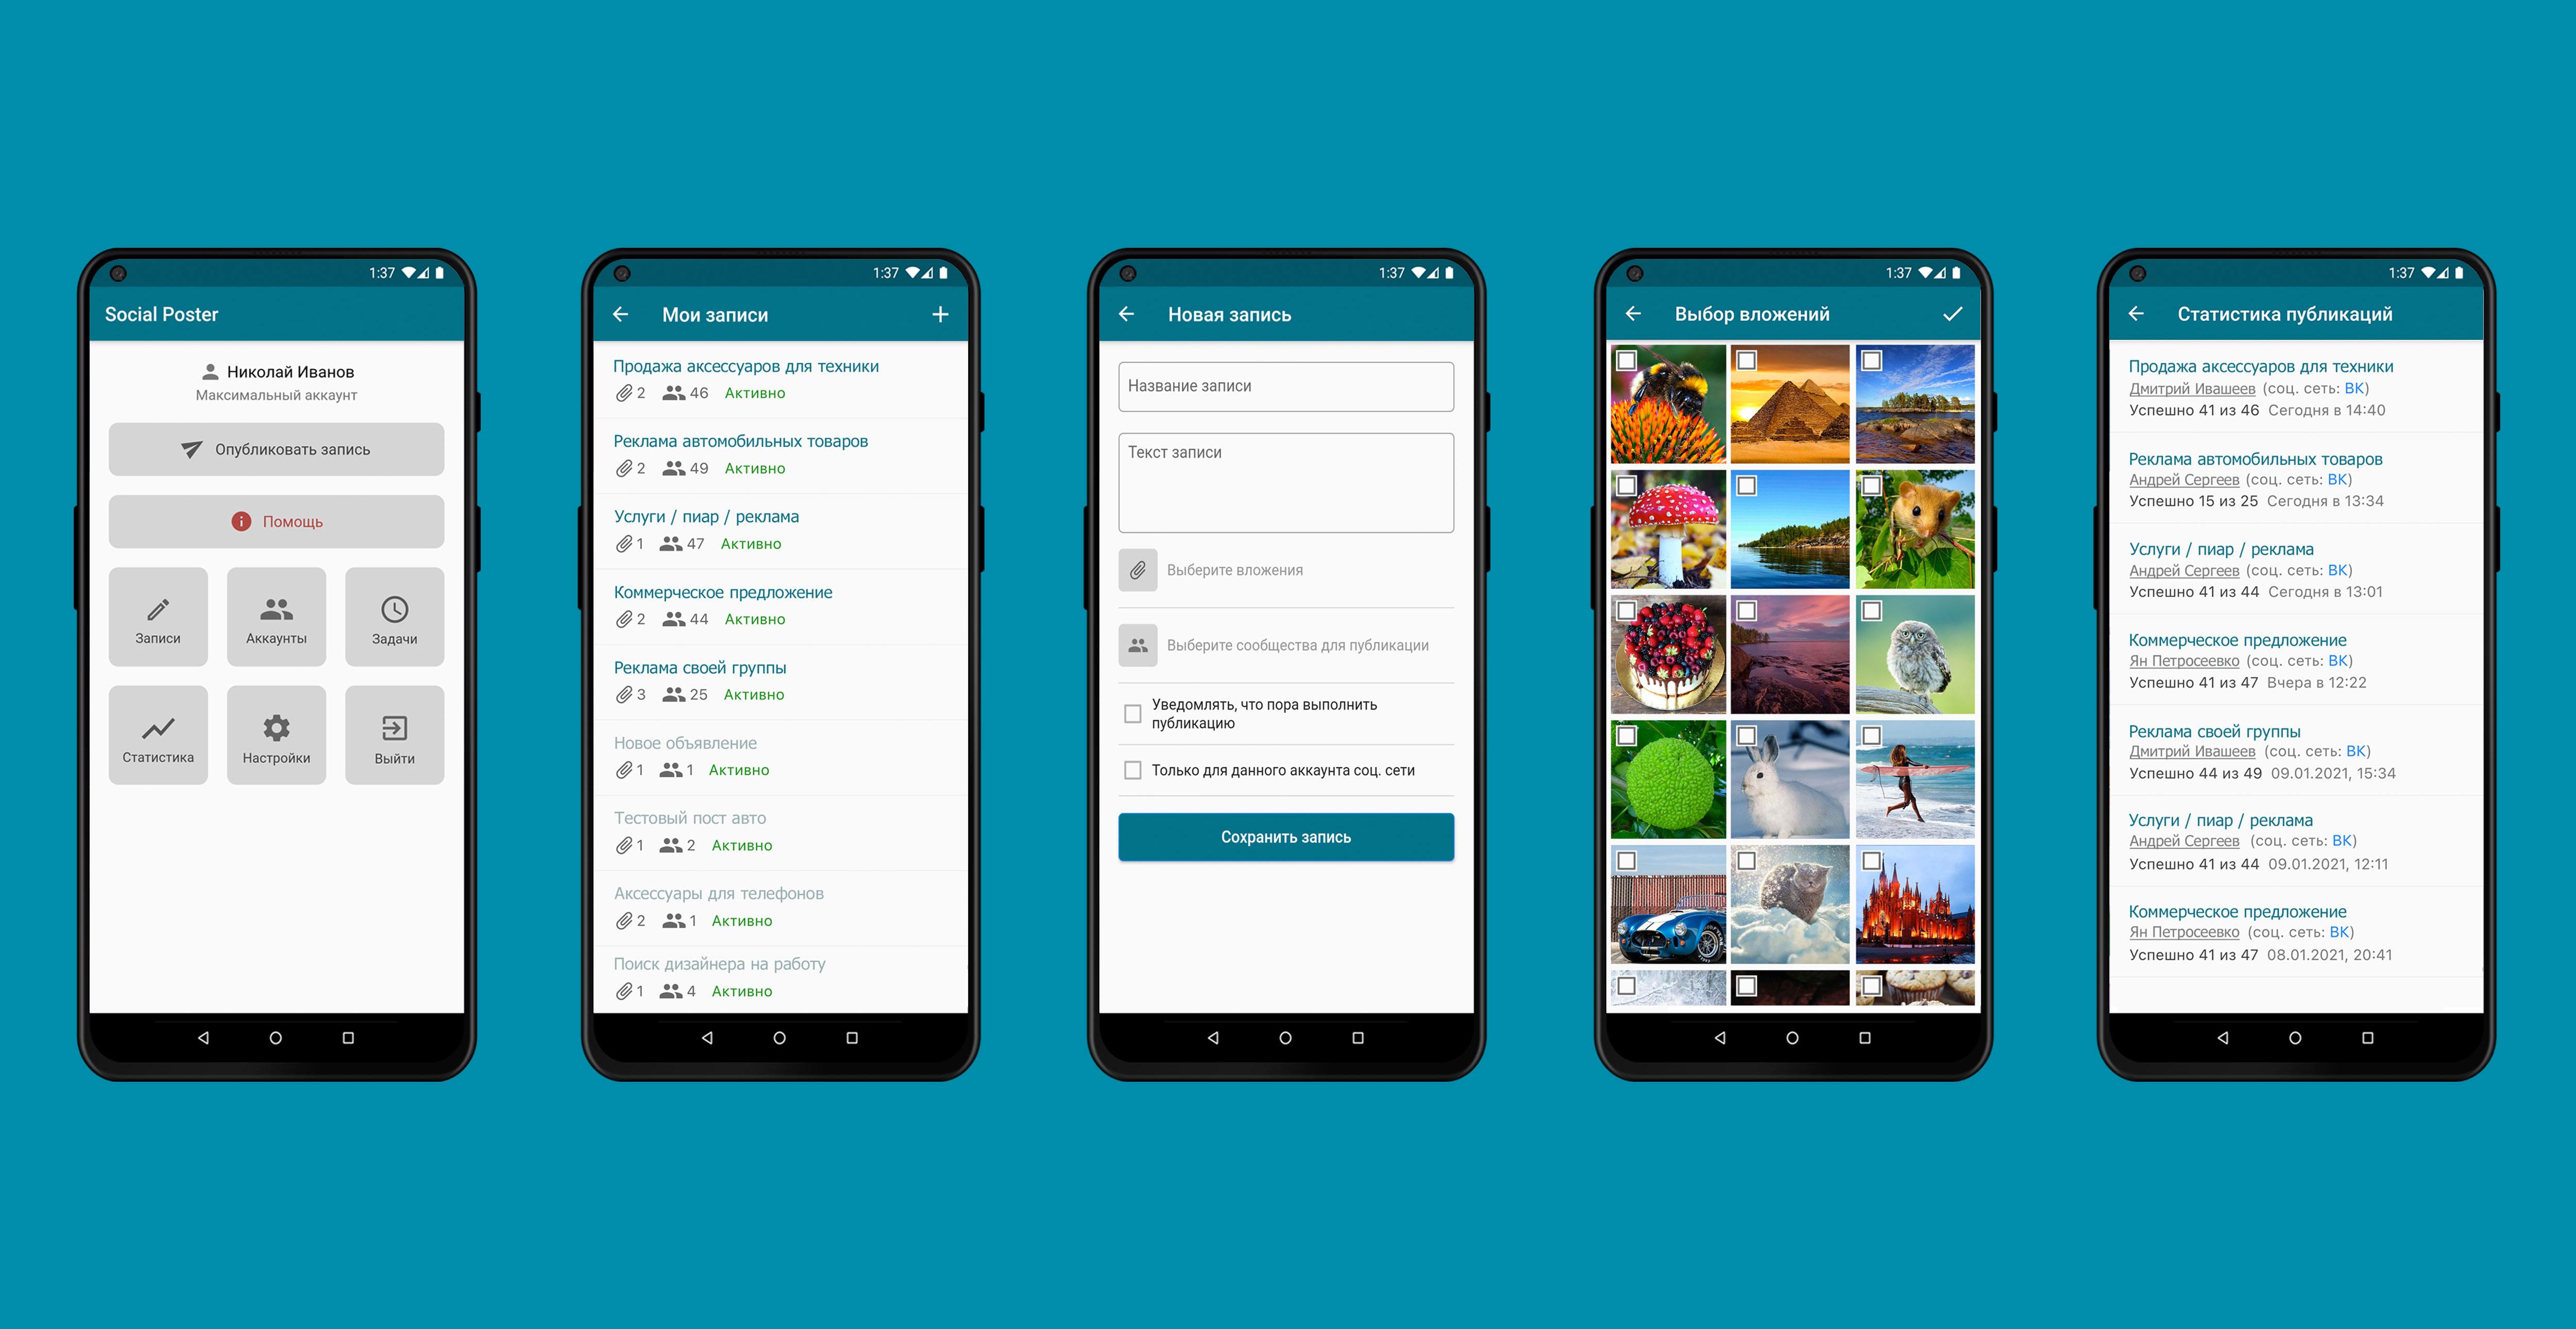 Приложения Social Poster для Android (Flutter)